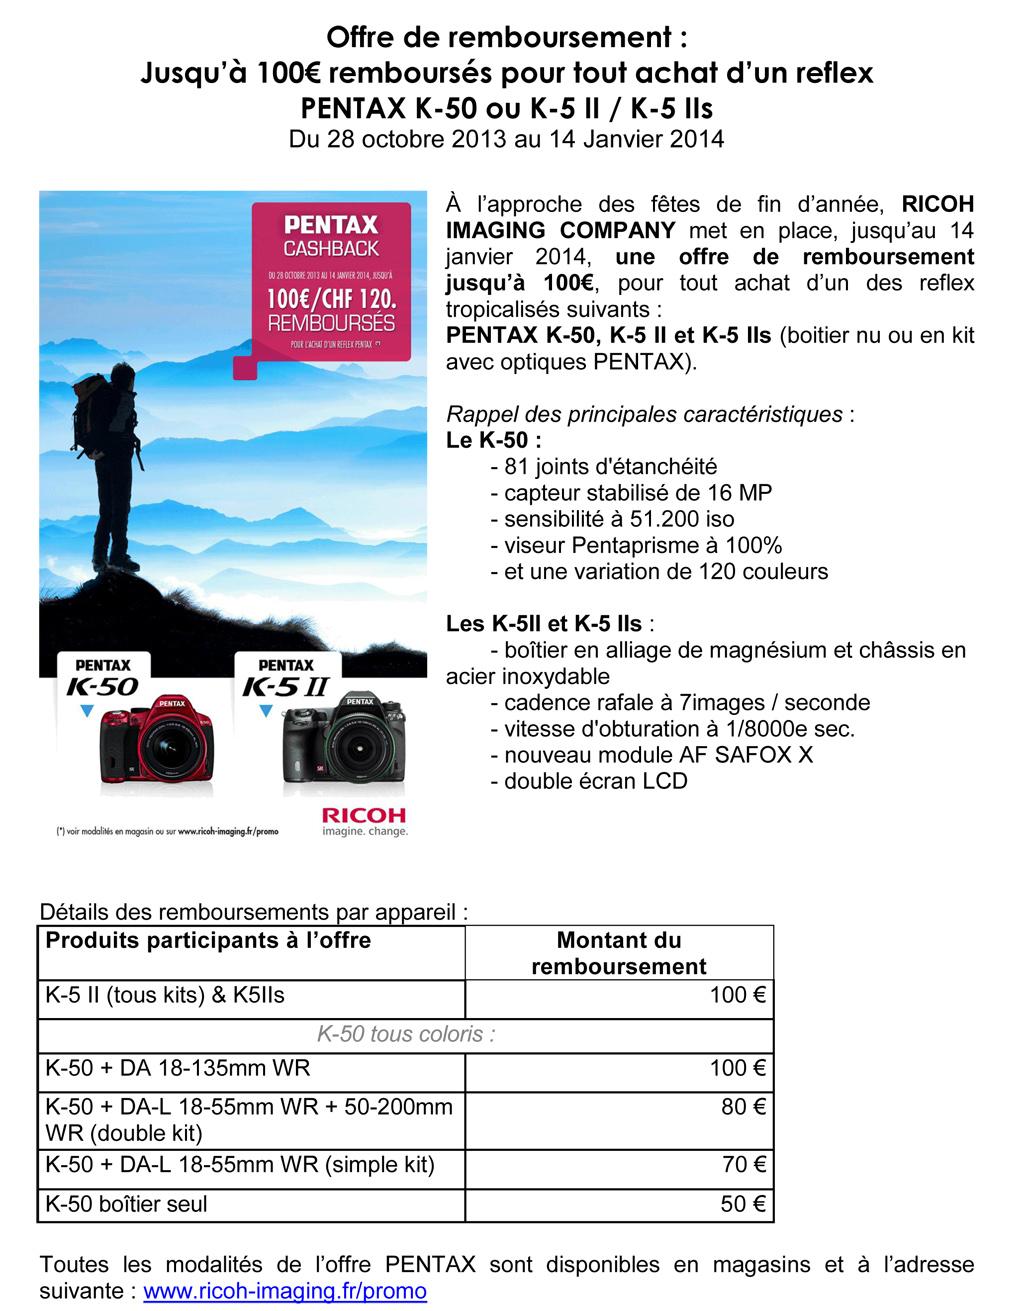 PENTAX RICOH IMAGING - OFFRE NOEL 2013 sur K-50 ou K-5 II / K-5 IIs B1ps